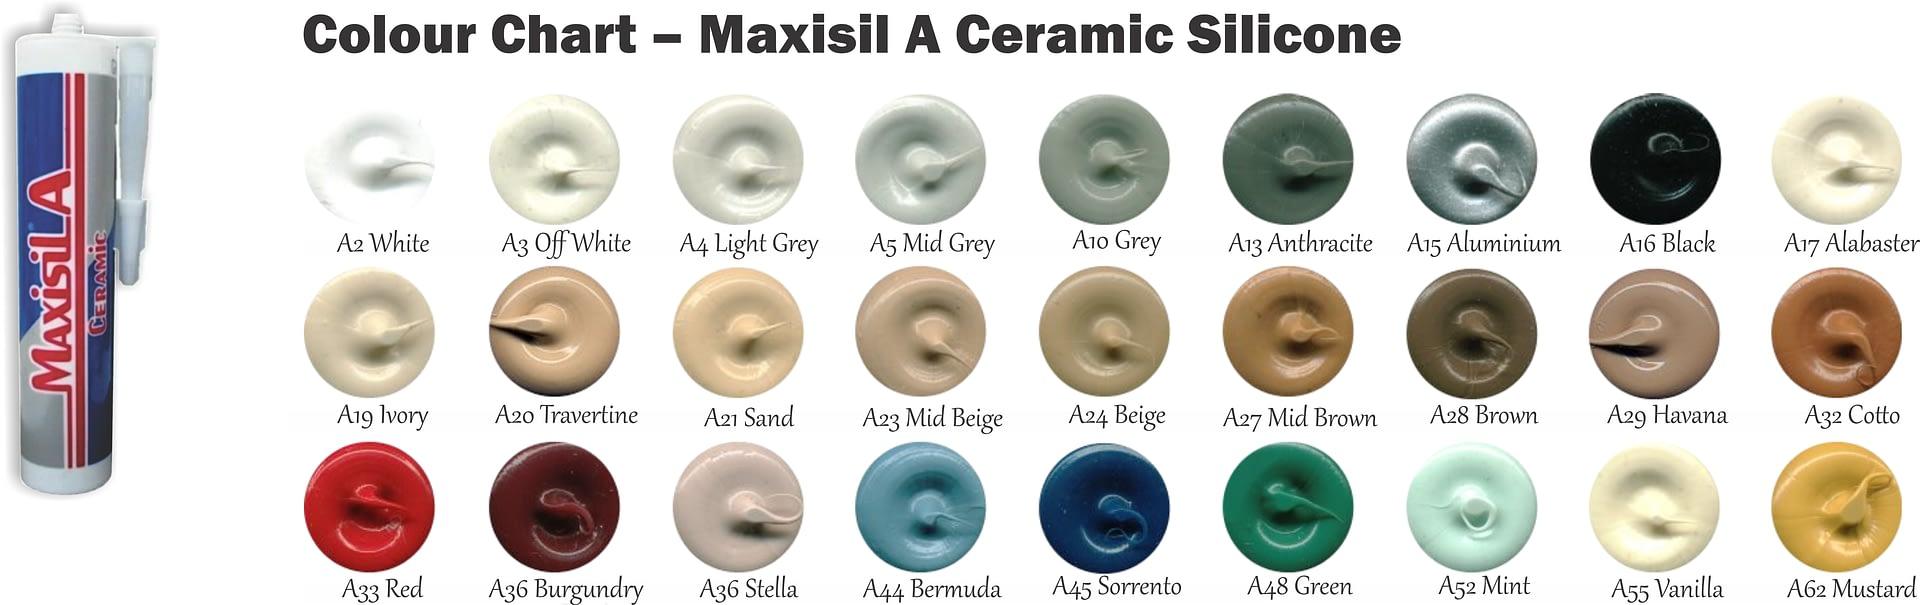 Colour Chart – Maxisil A Ceramic Silicone